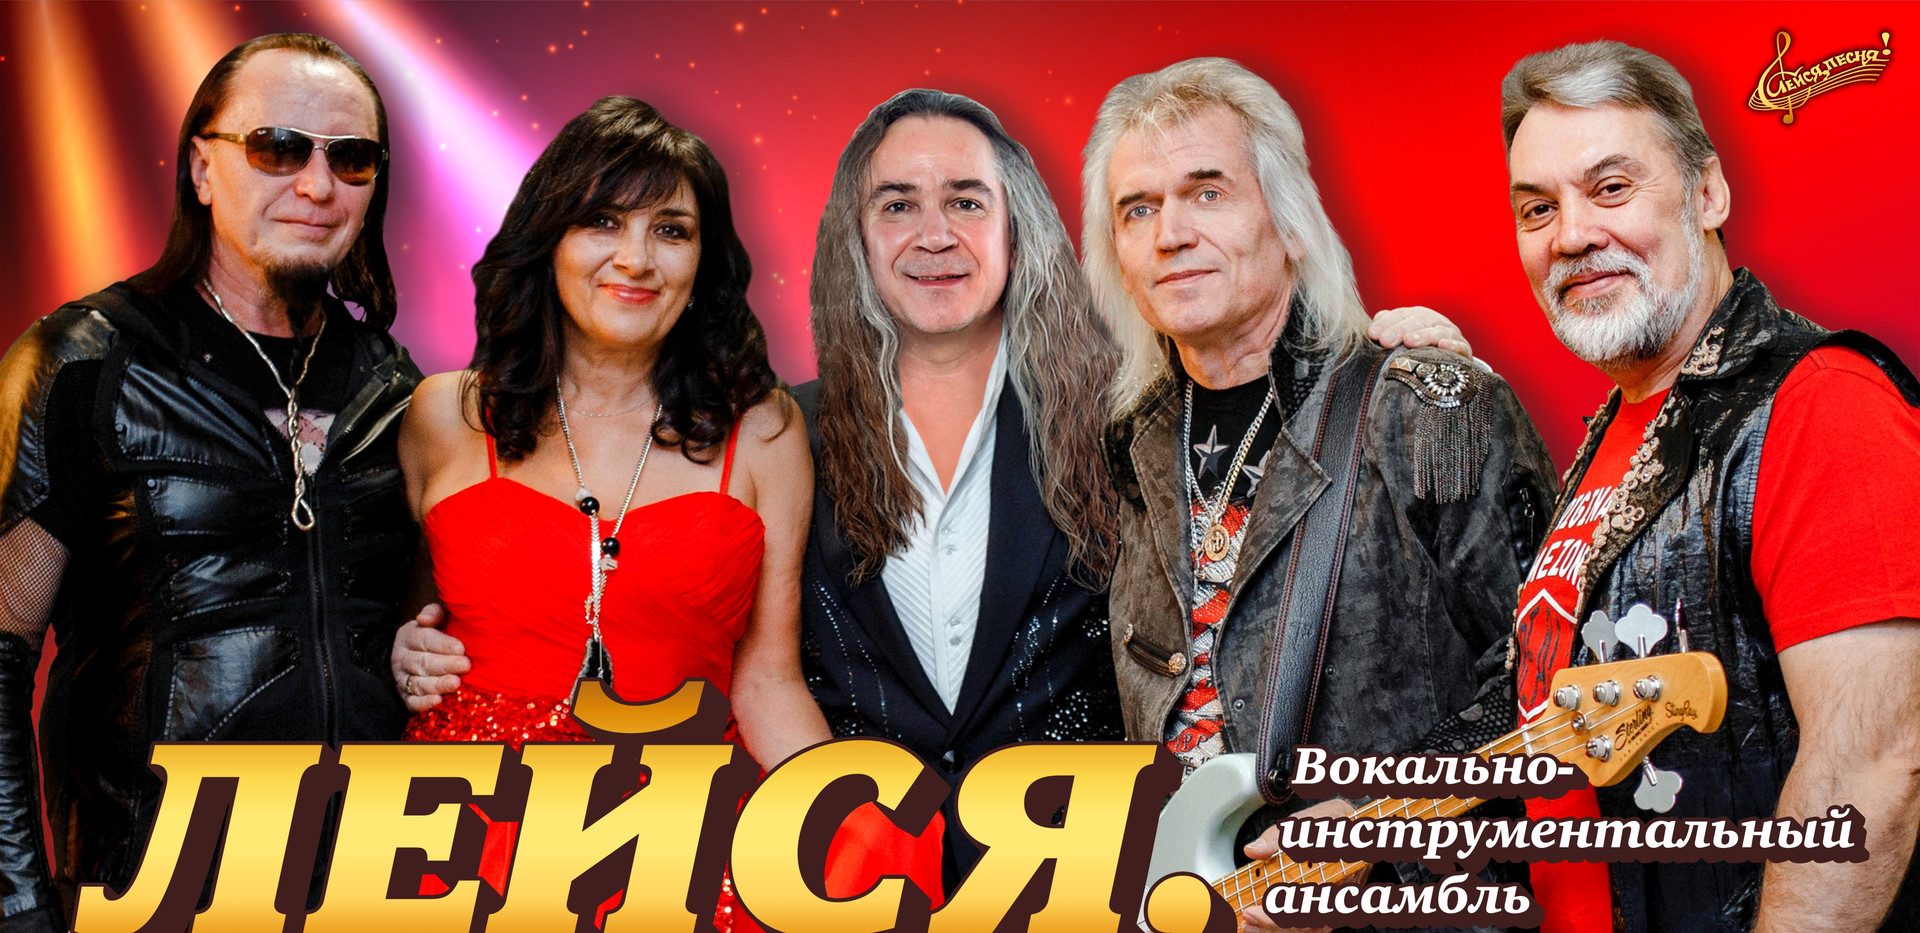 ЛЕЙСЯ ПЕСНЯ - плакат_красный фон.jpg